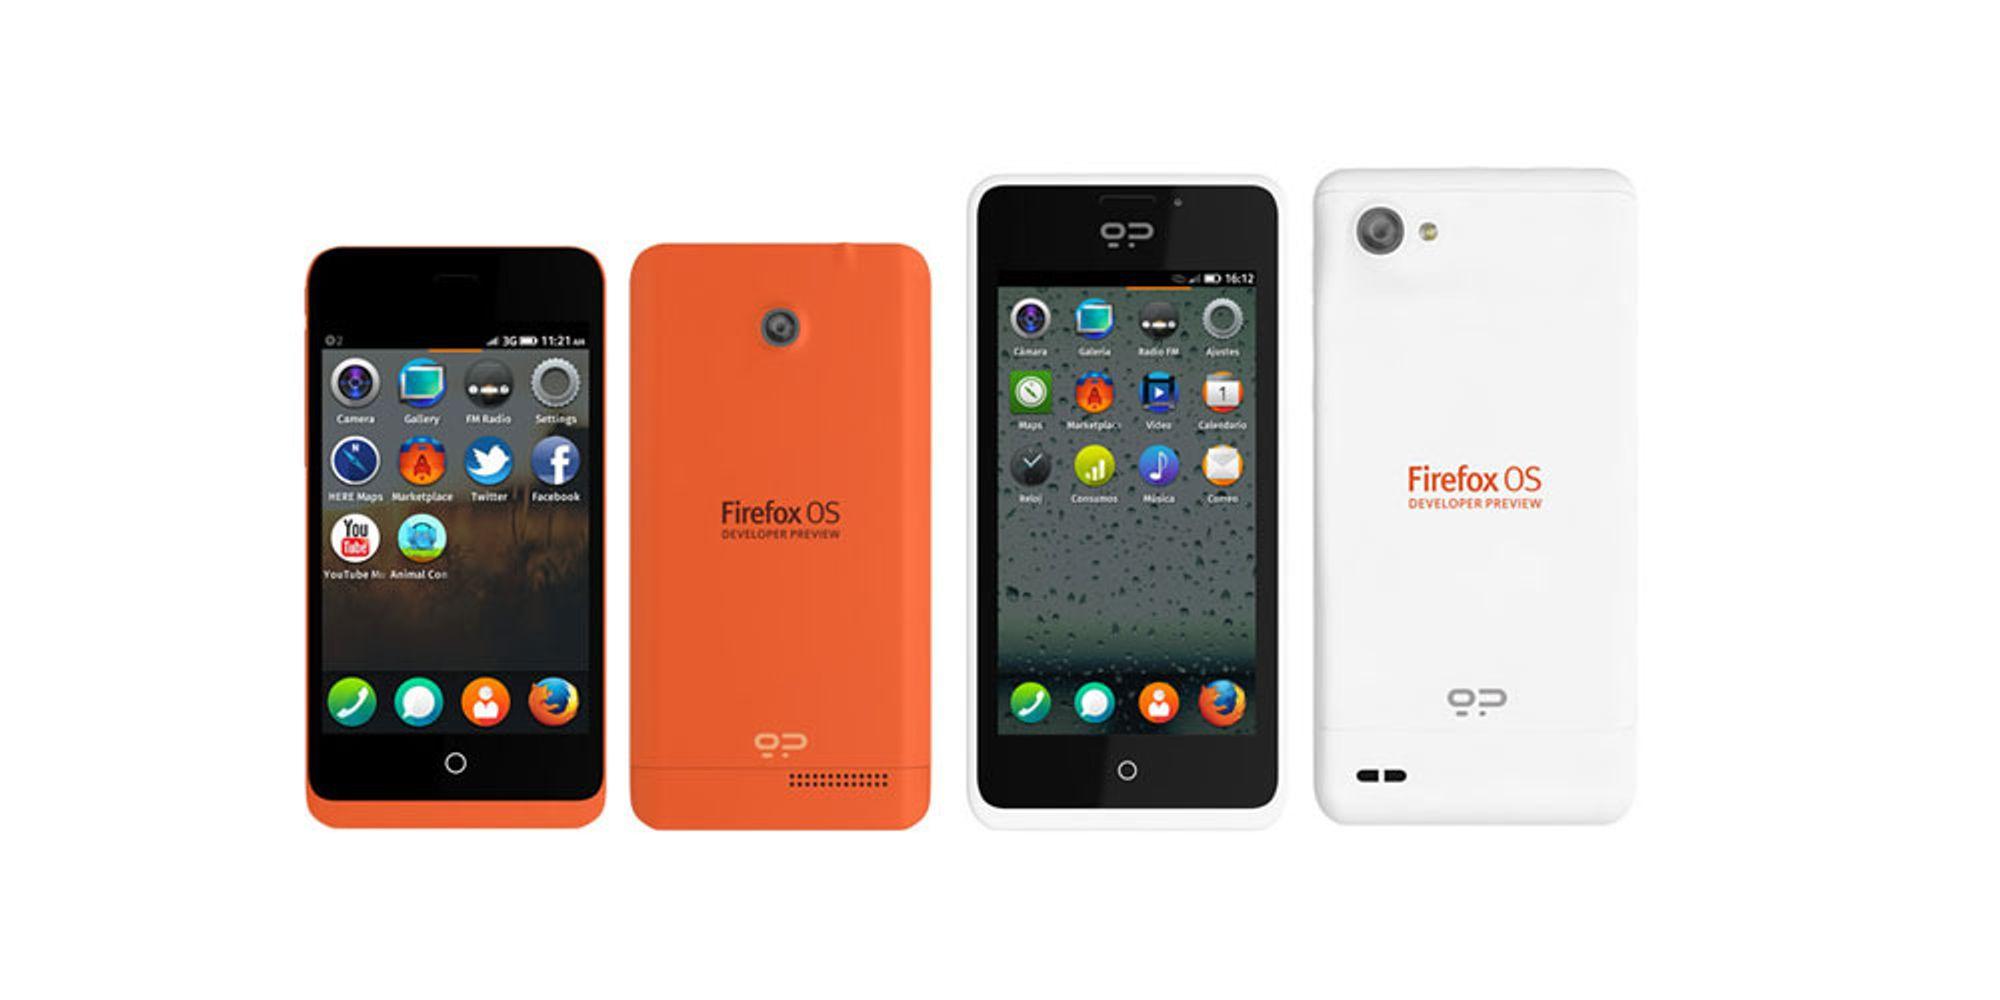 Nå kan du kjøpe Firefox-telefonene